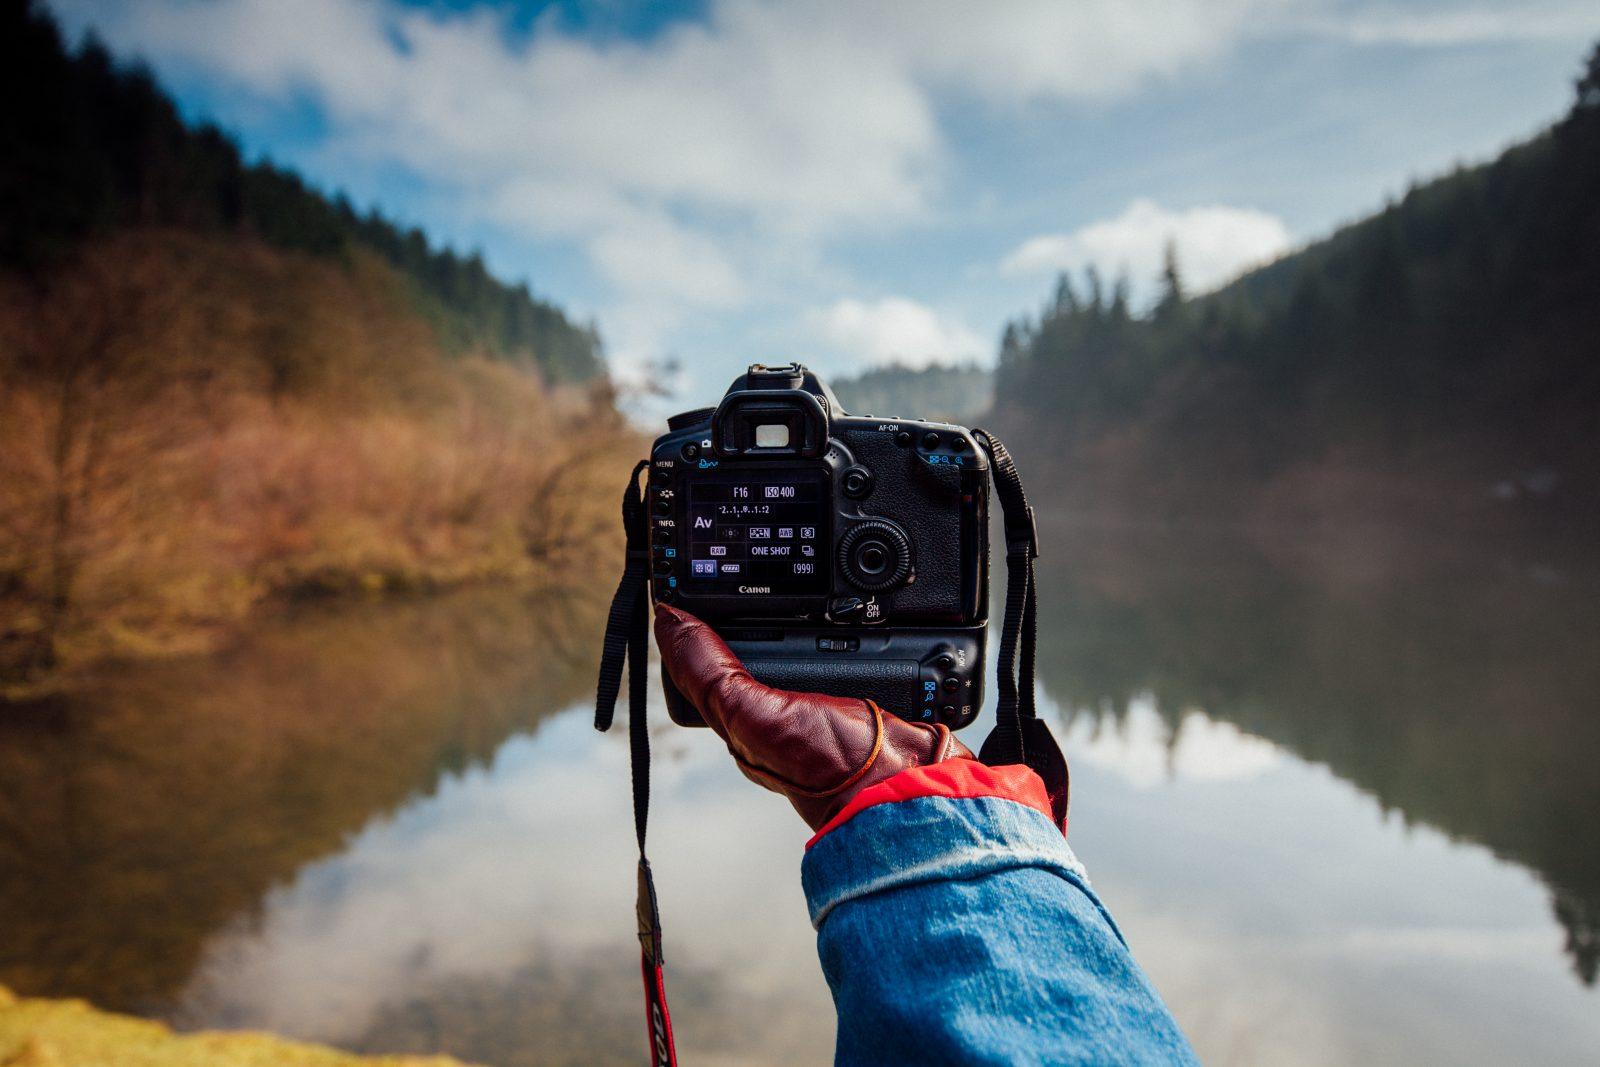 Mejores cámaras fotográficas para paisaje